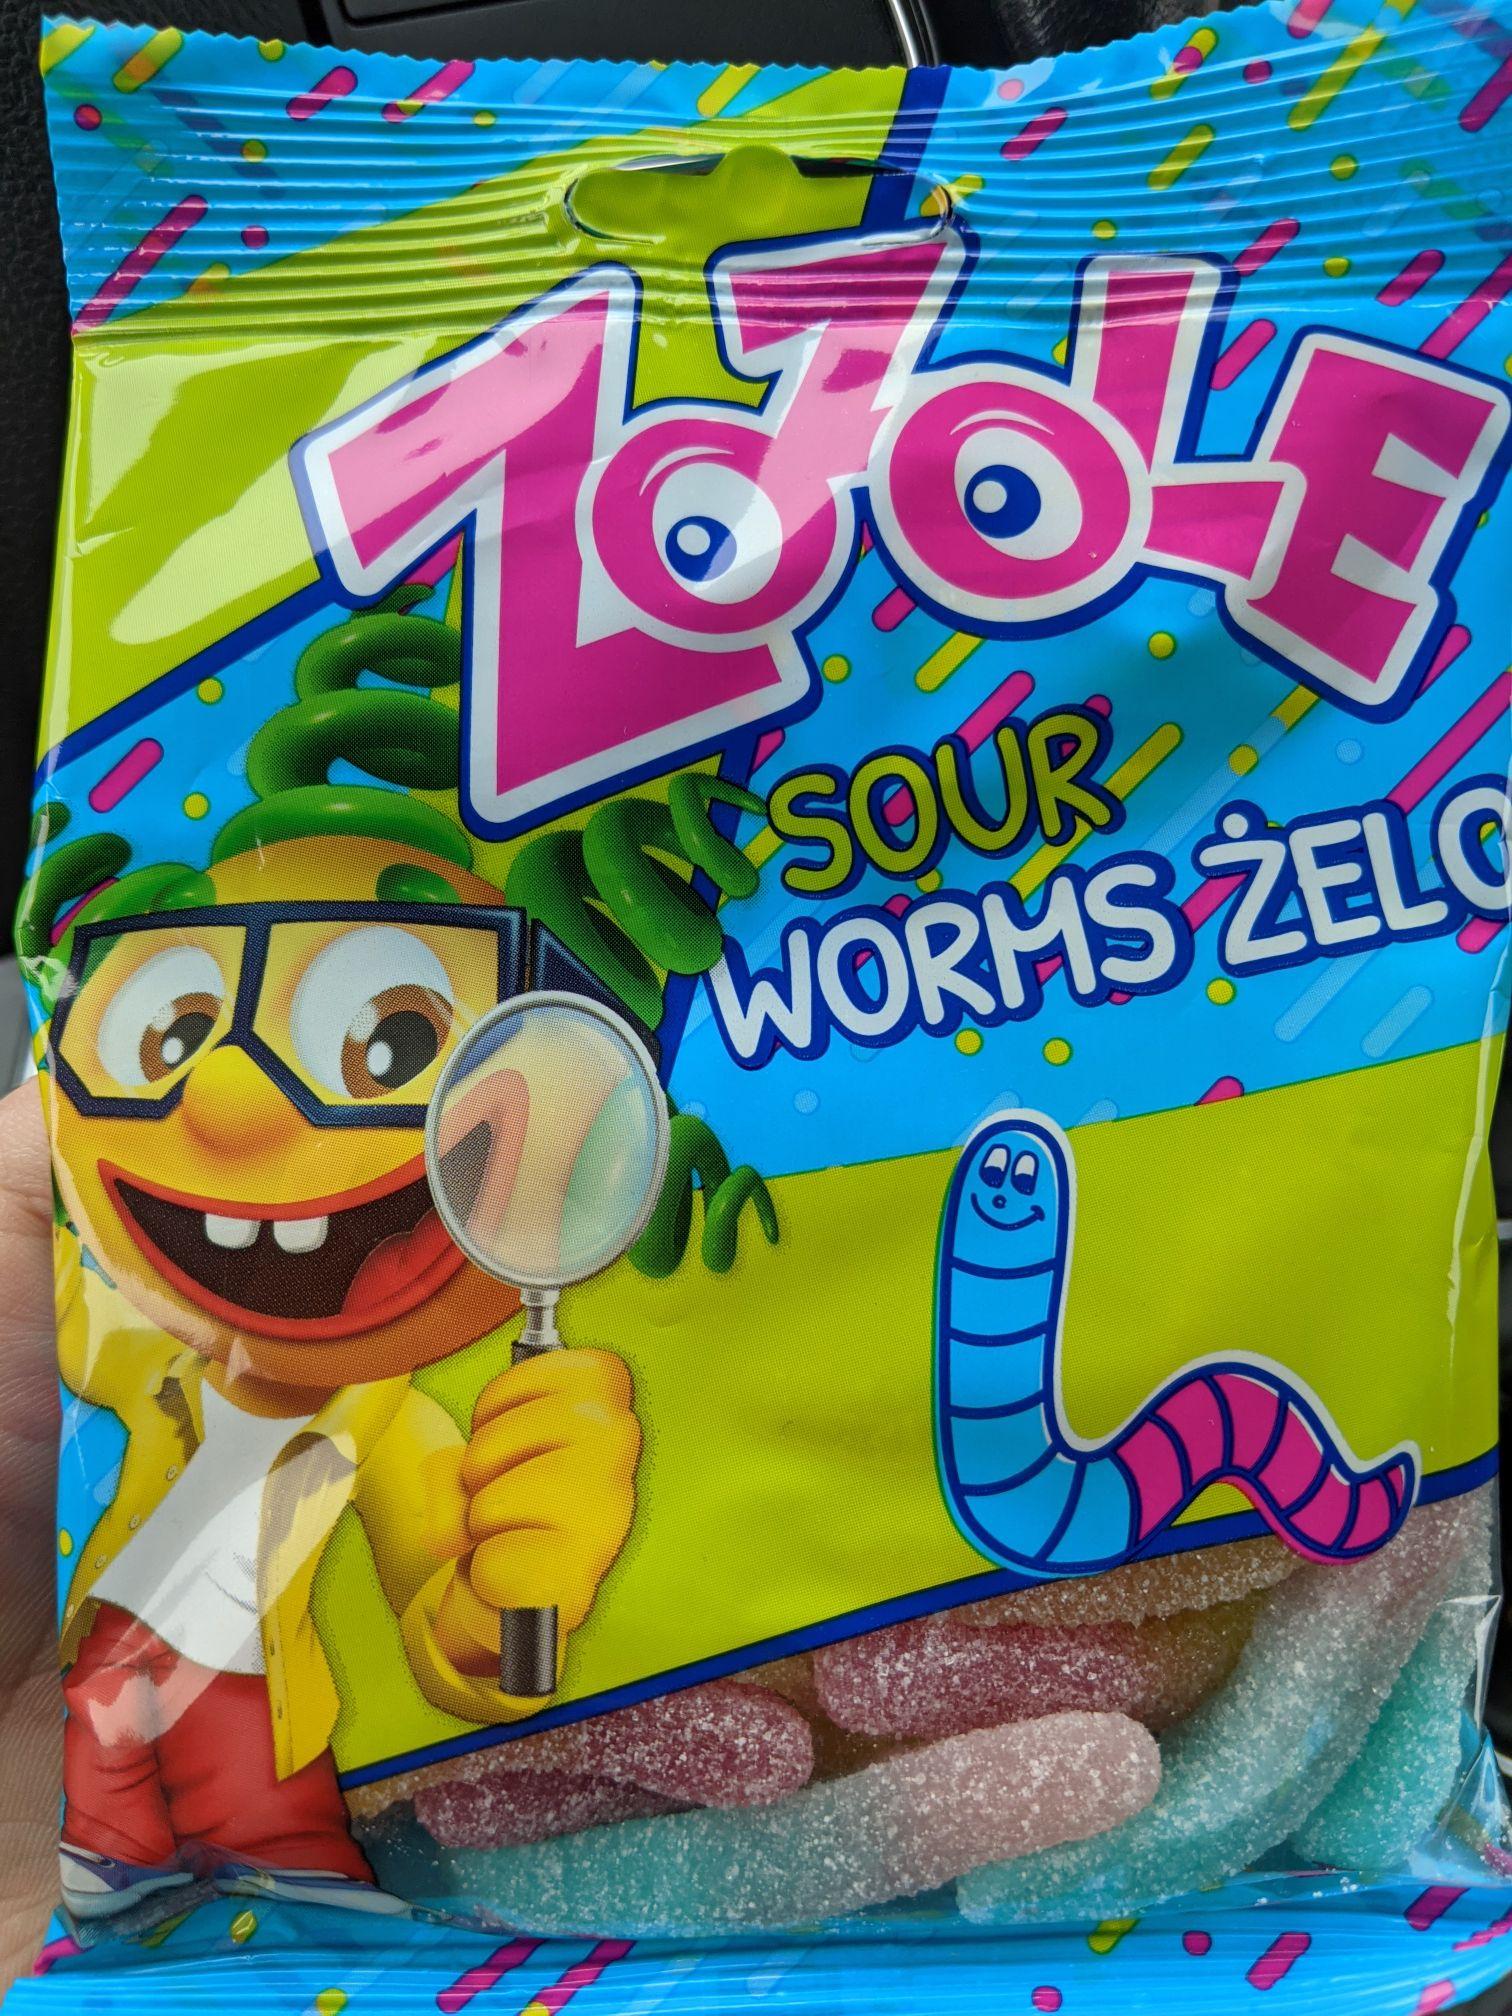 Mieszko Zozole, kwaśne żelki robaki, sour worms, 75g. Kaufland